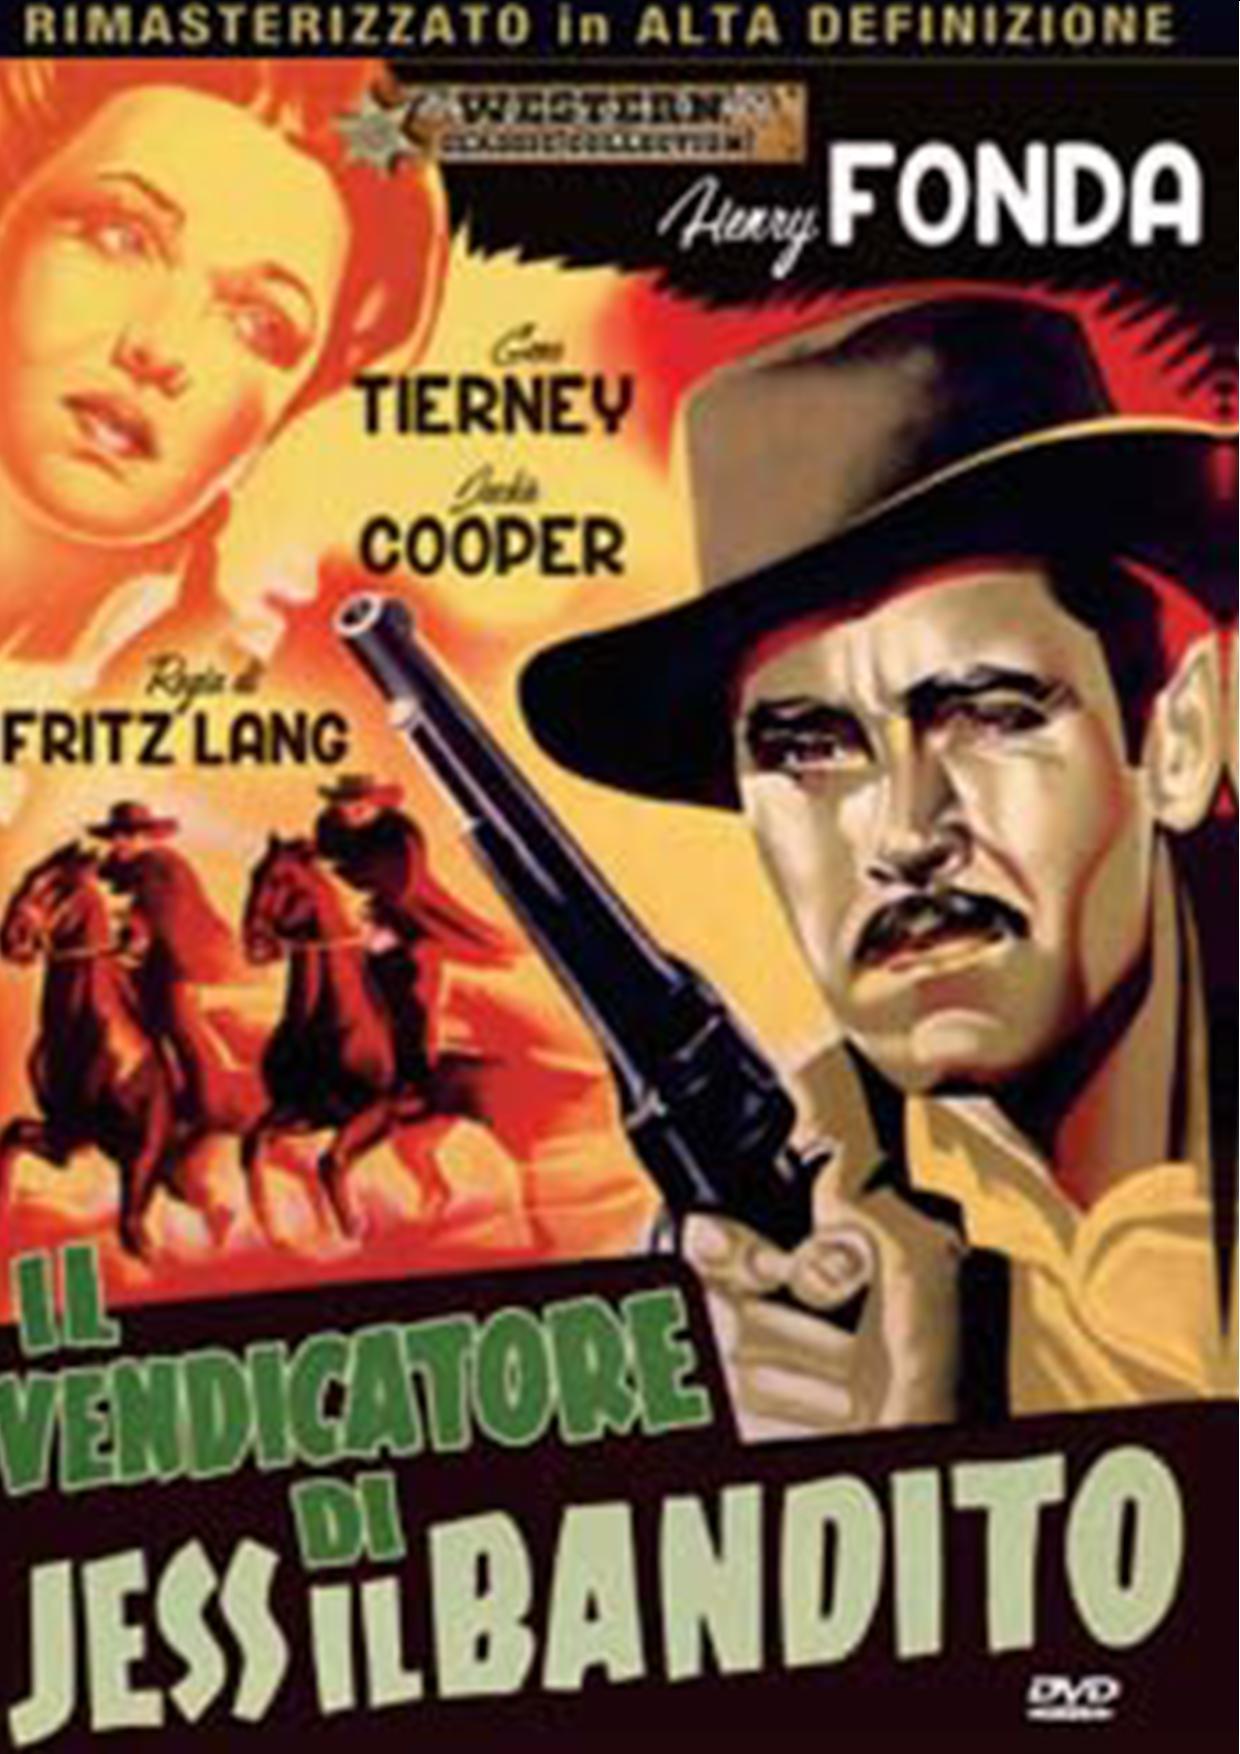 IL VENDICATORE DI JESS IL BANDITO (DVD)